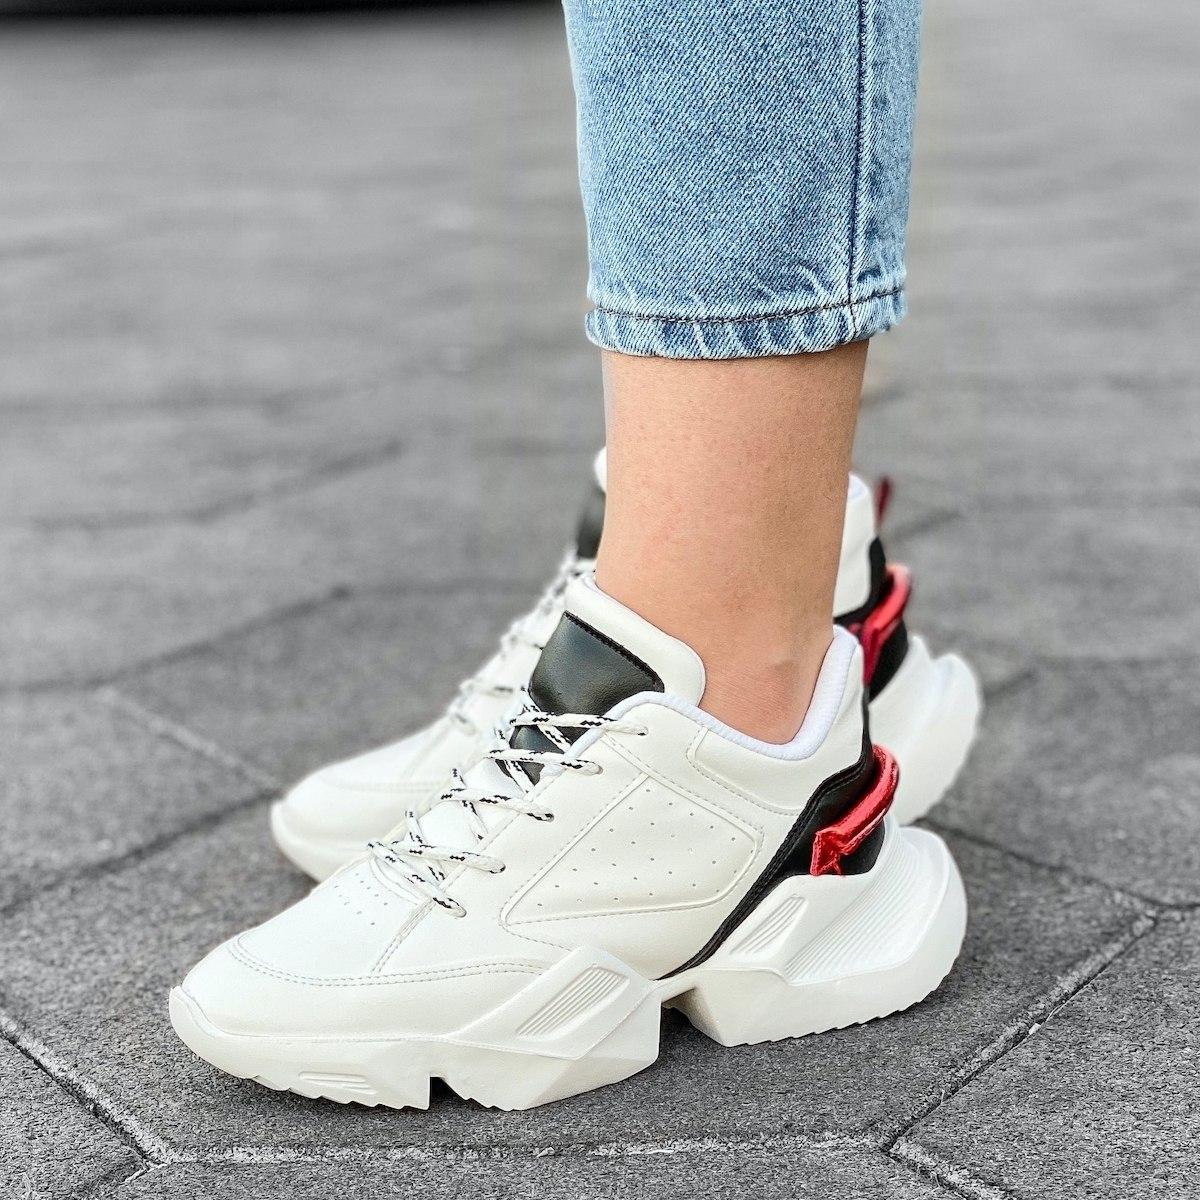 Women's Space Sole Sneakers...